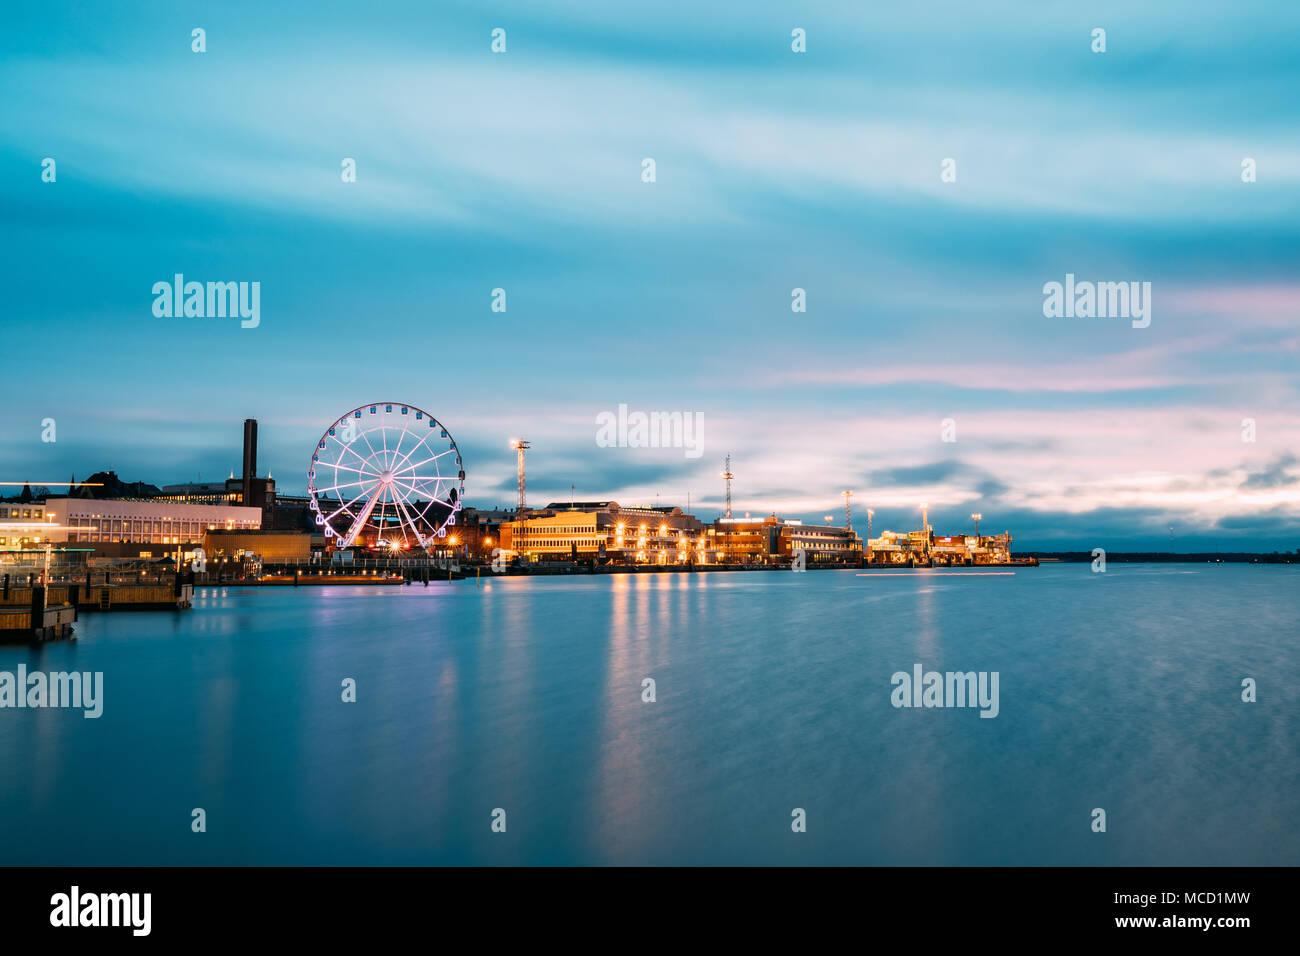 Helsinki, Finnland - 9. Dezember 2016: Blick auf den Bahndamm mit Riesenrad am Abend Nacht Illuminationen. Stockbild